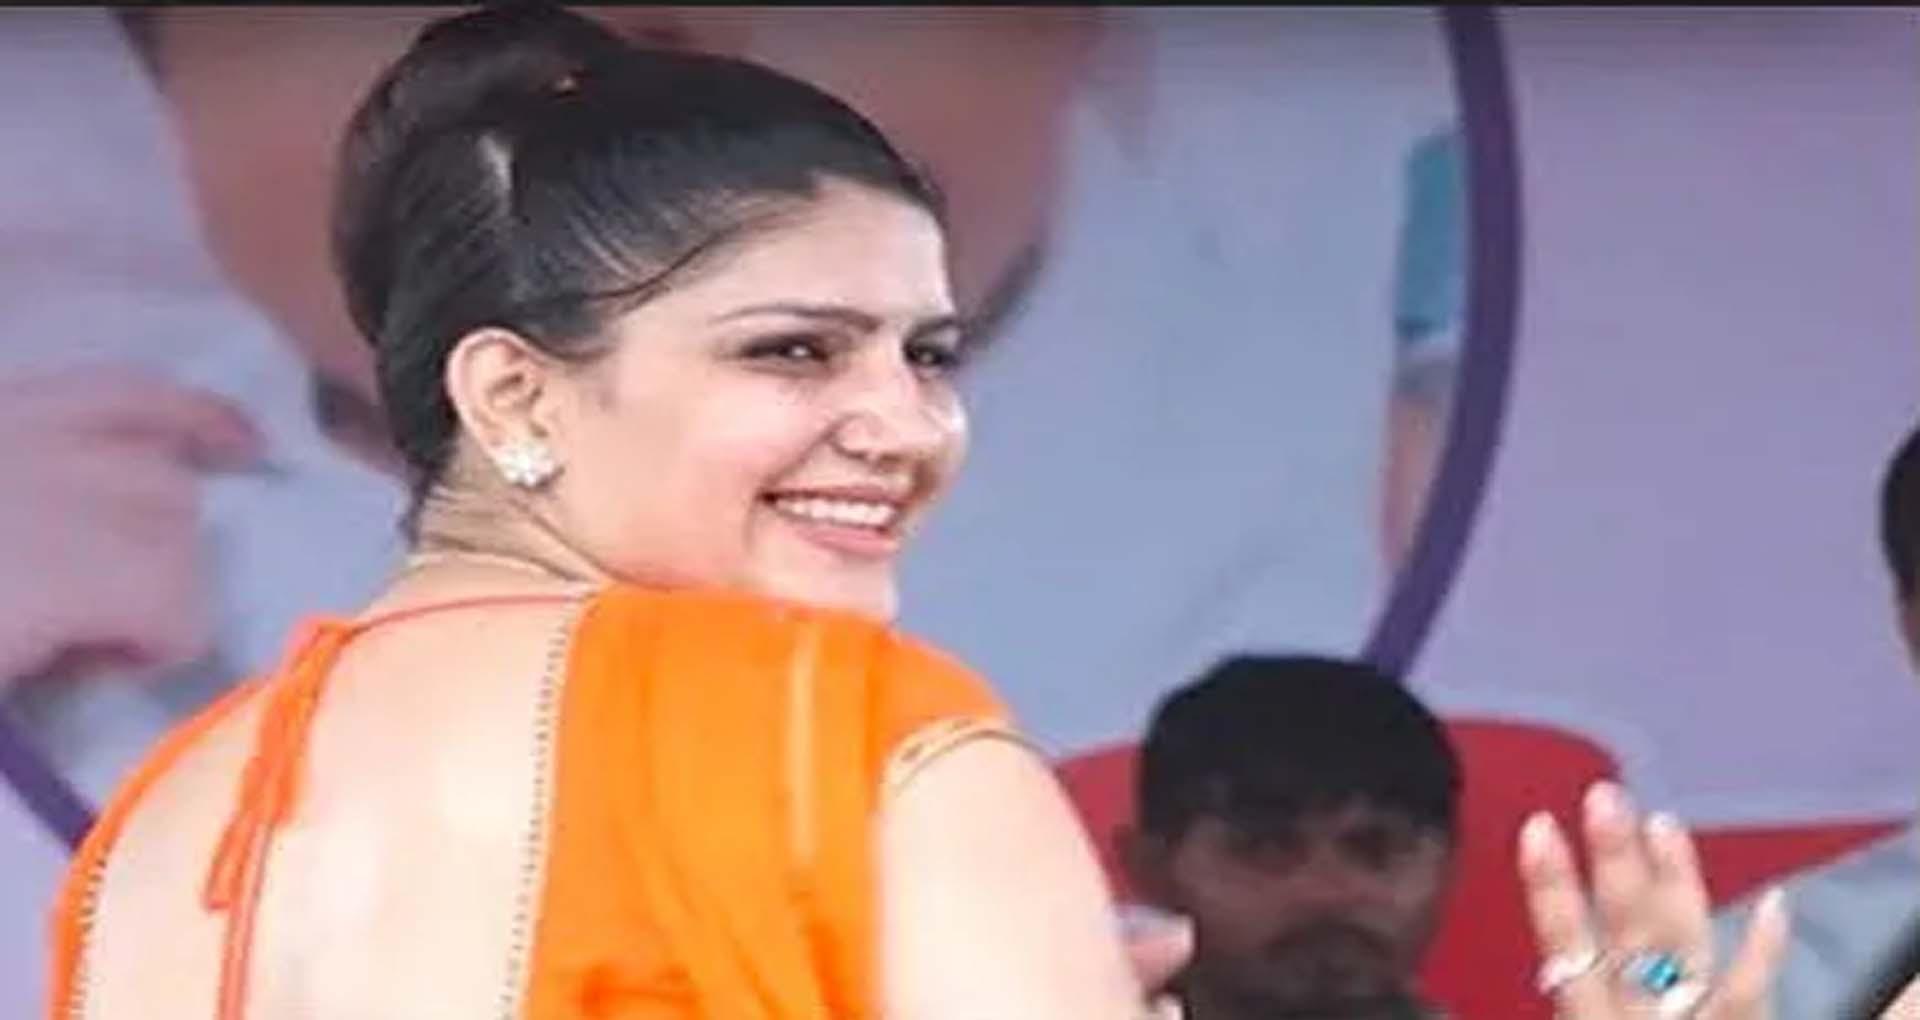 Sapna Choudhary Video: सपना चौधरी ने हिट गाने 'मेरा चांद' पर लगाए जमकर ठुमके! देखें वीडियो